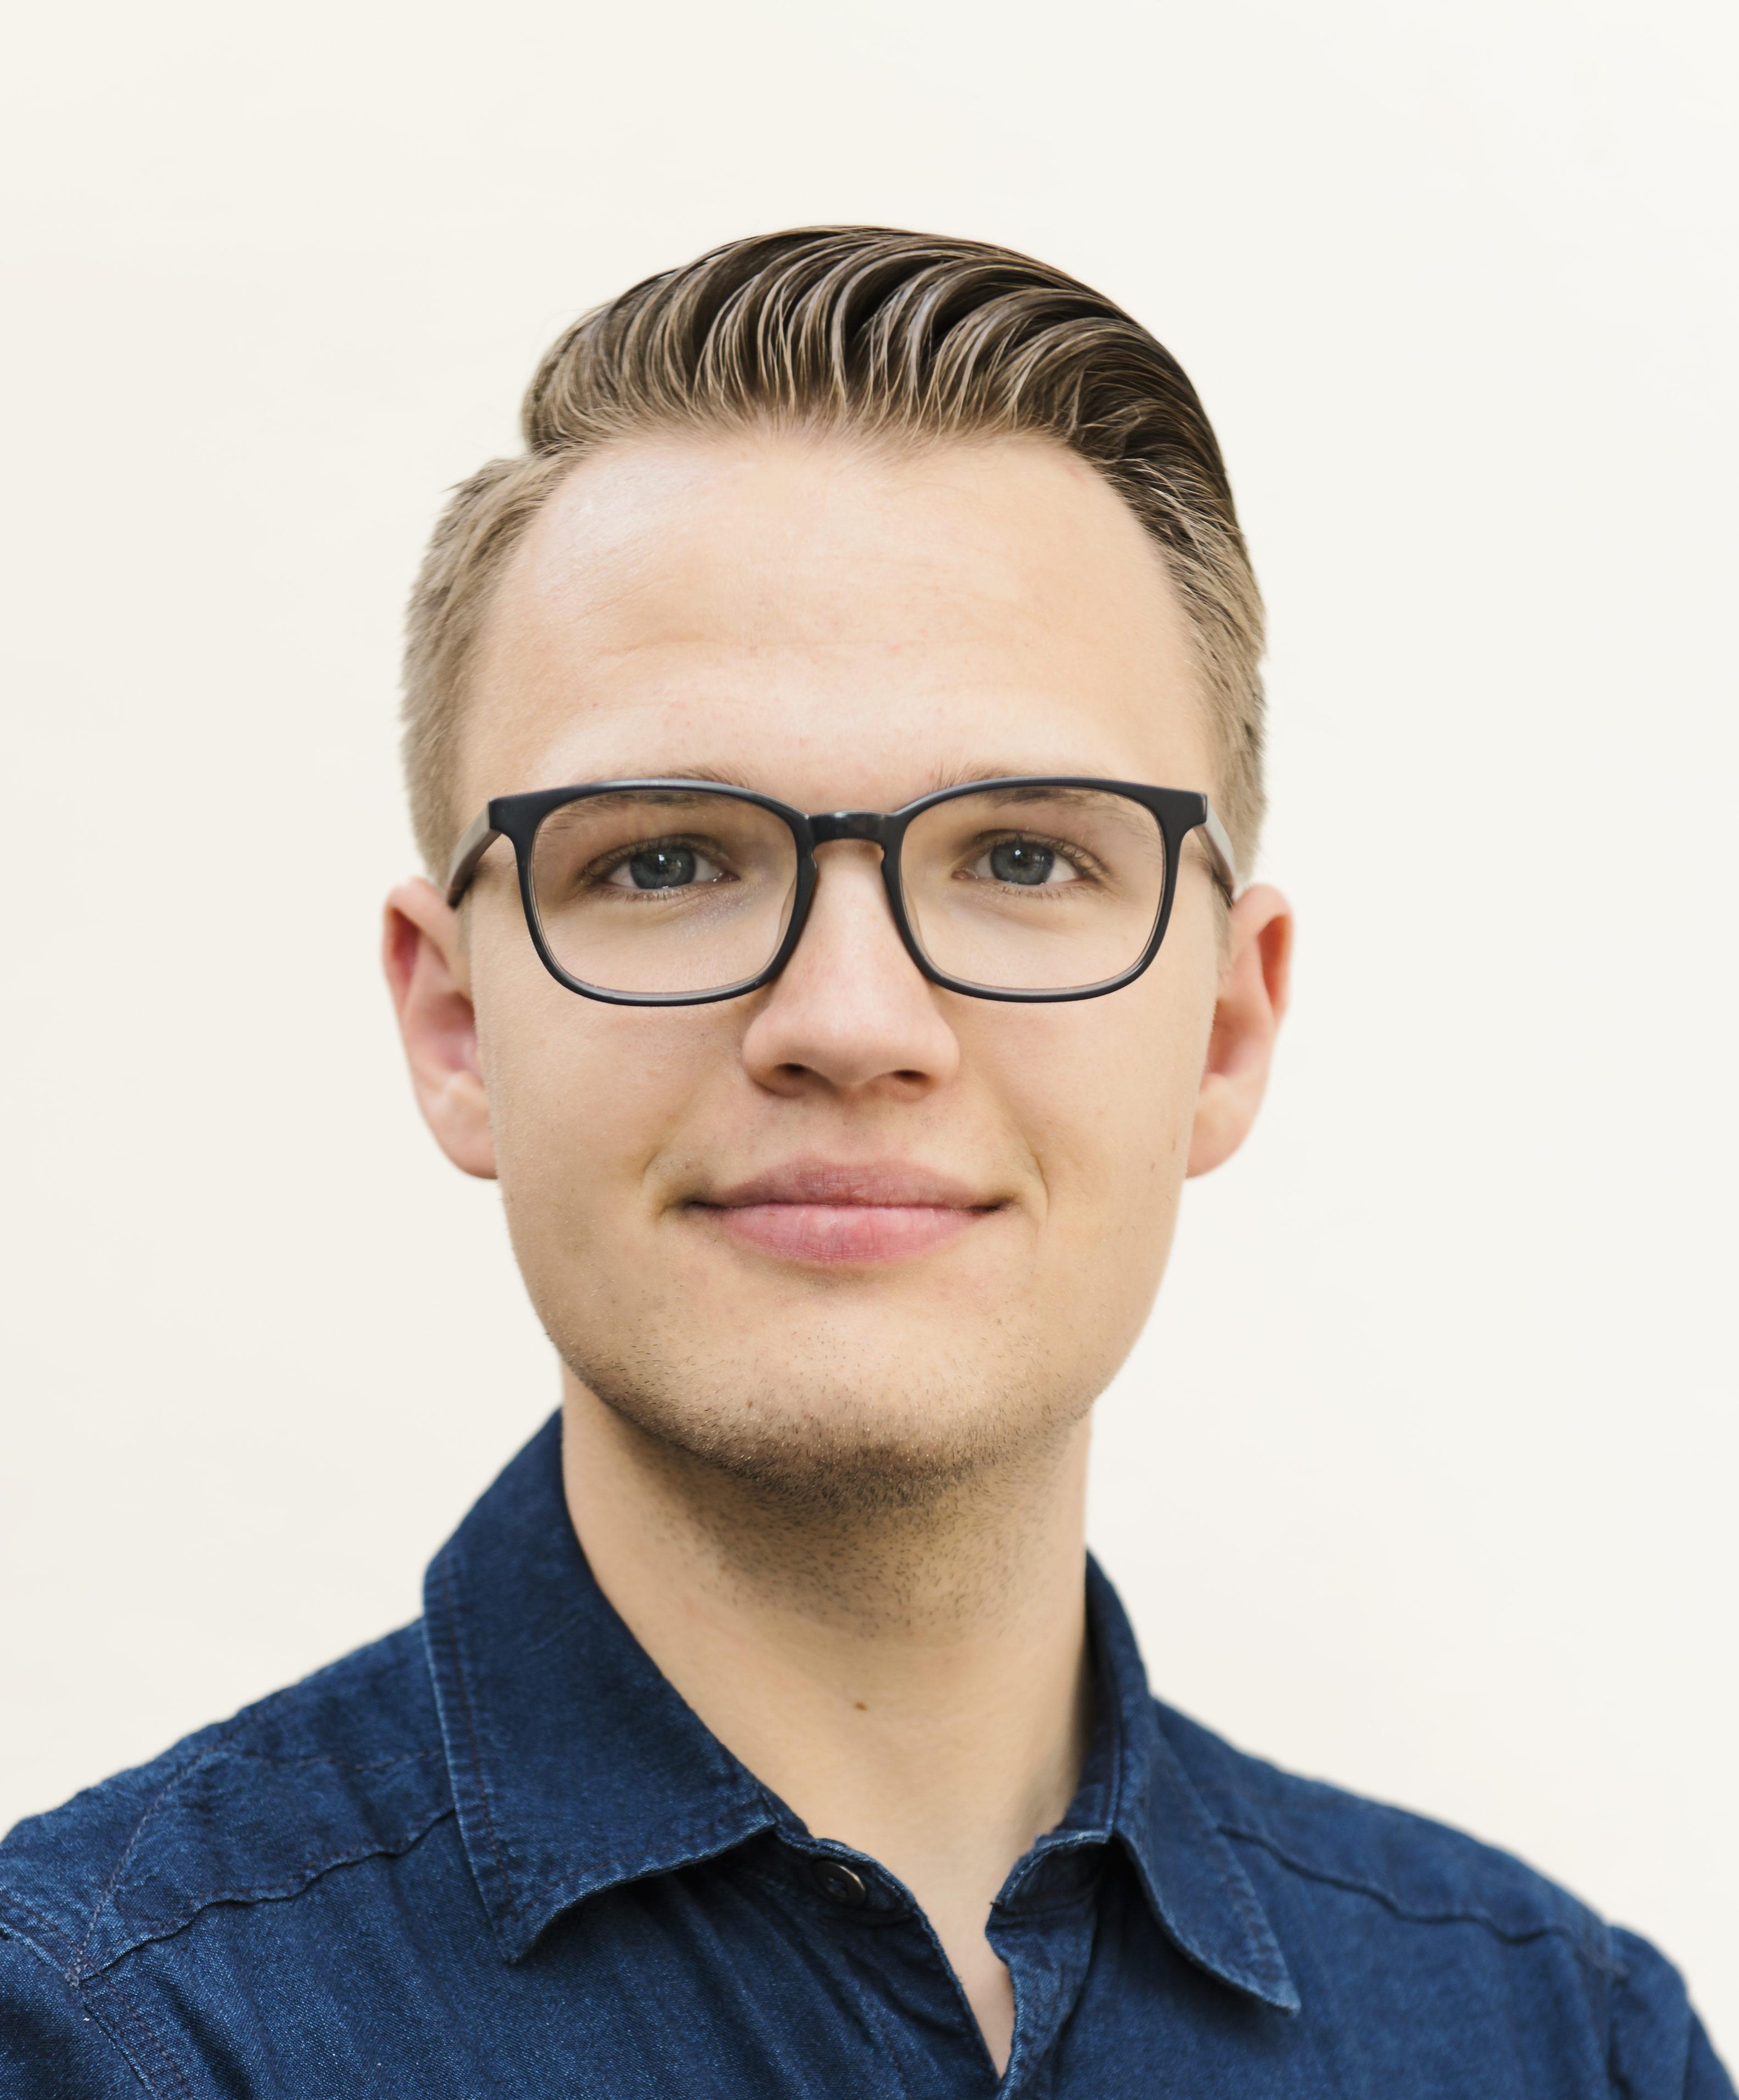 Timo Berenz ist stellvertretender Vorsitzender des RCDS Heidelberg. Bild: Privat